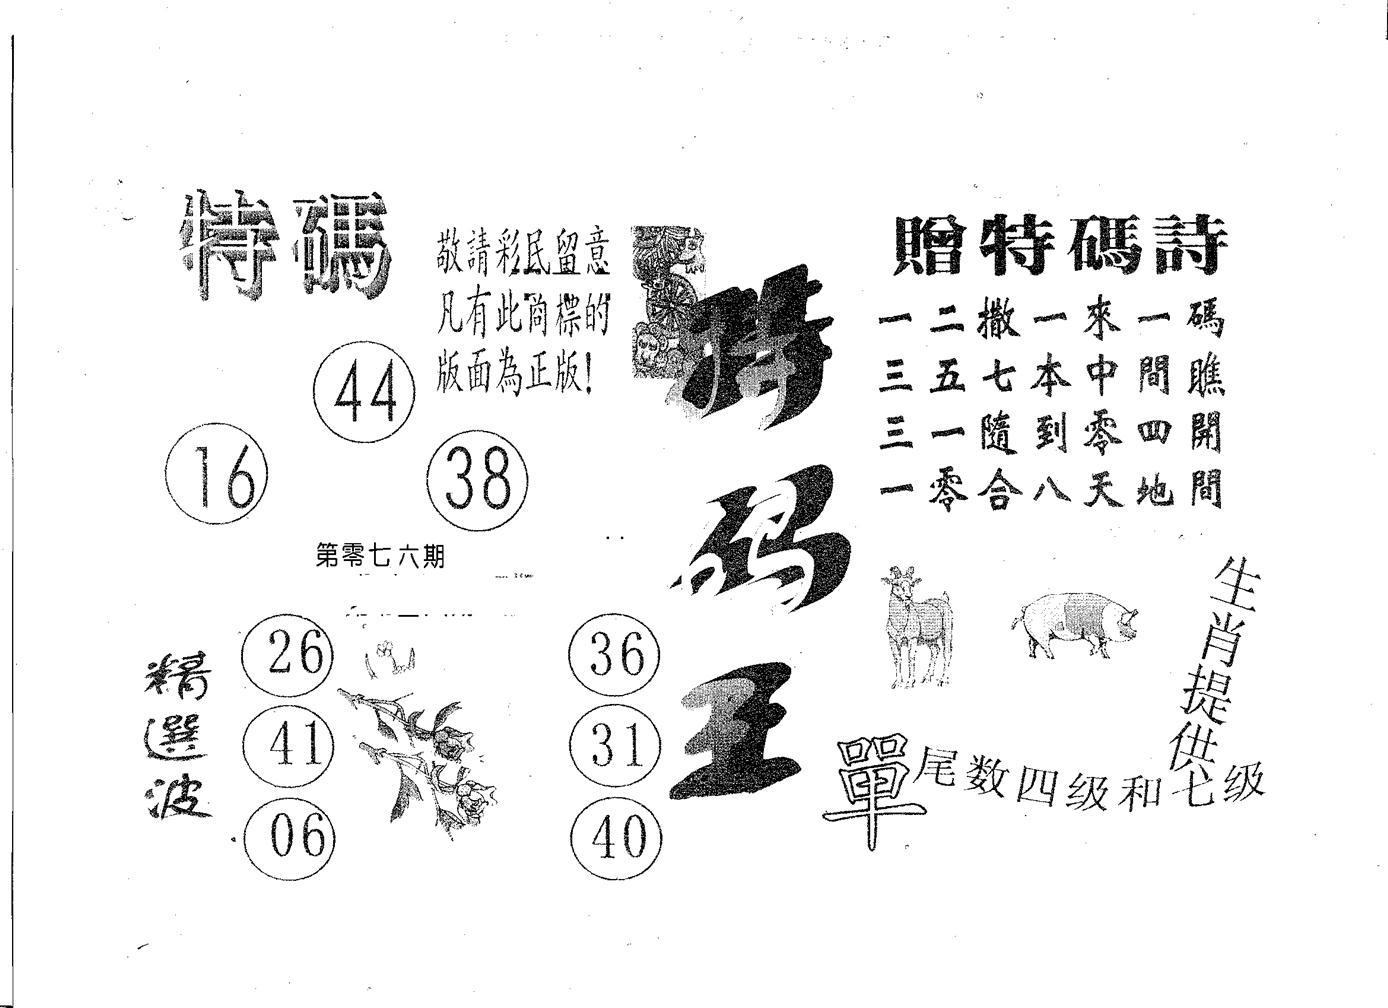 076期特码王A(黑白)